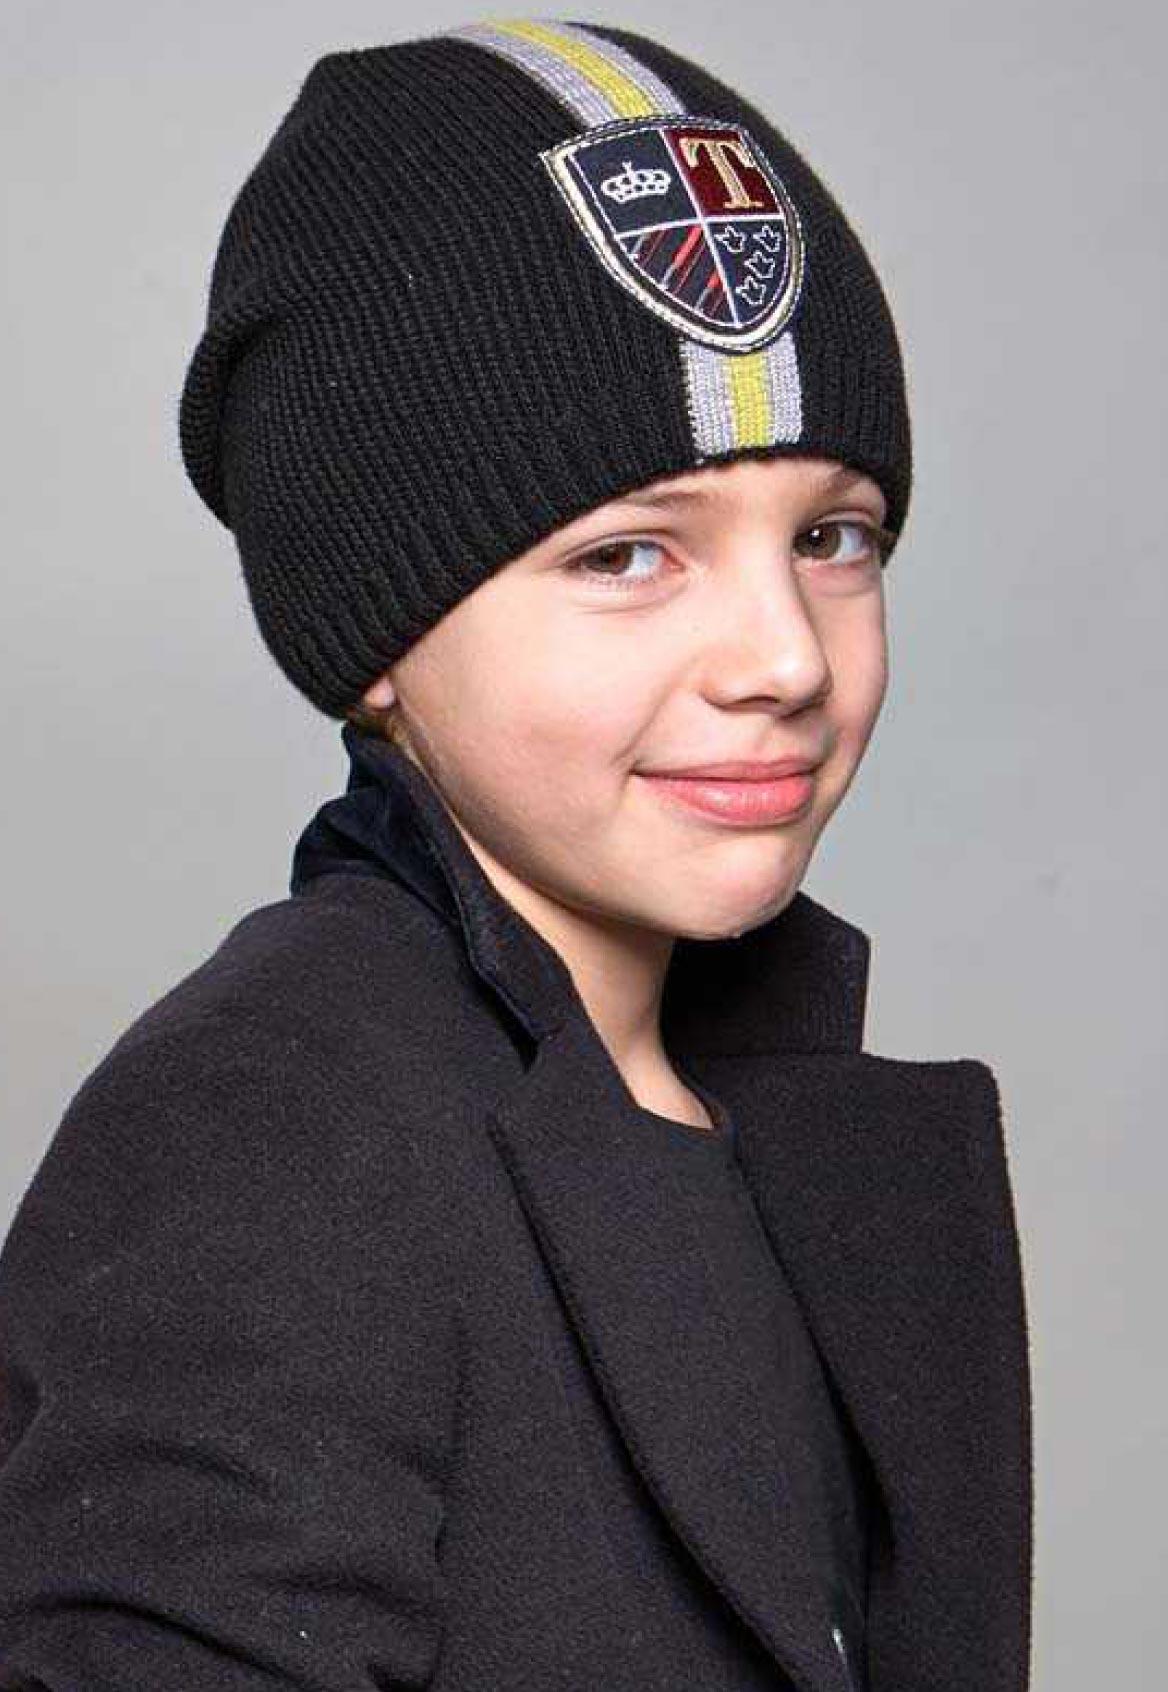 Какими будут модные детские шапки в 2018 году